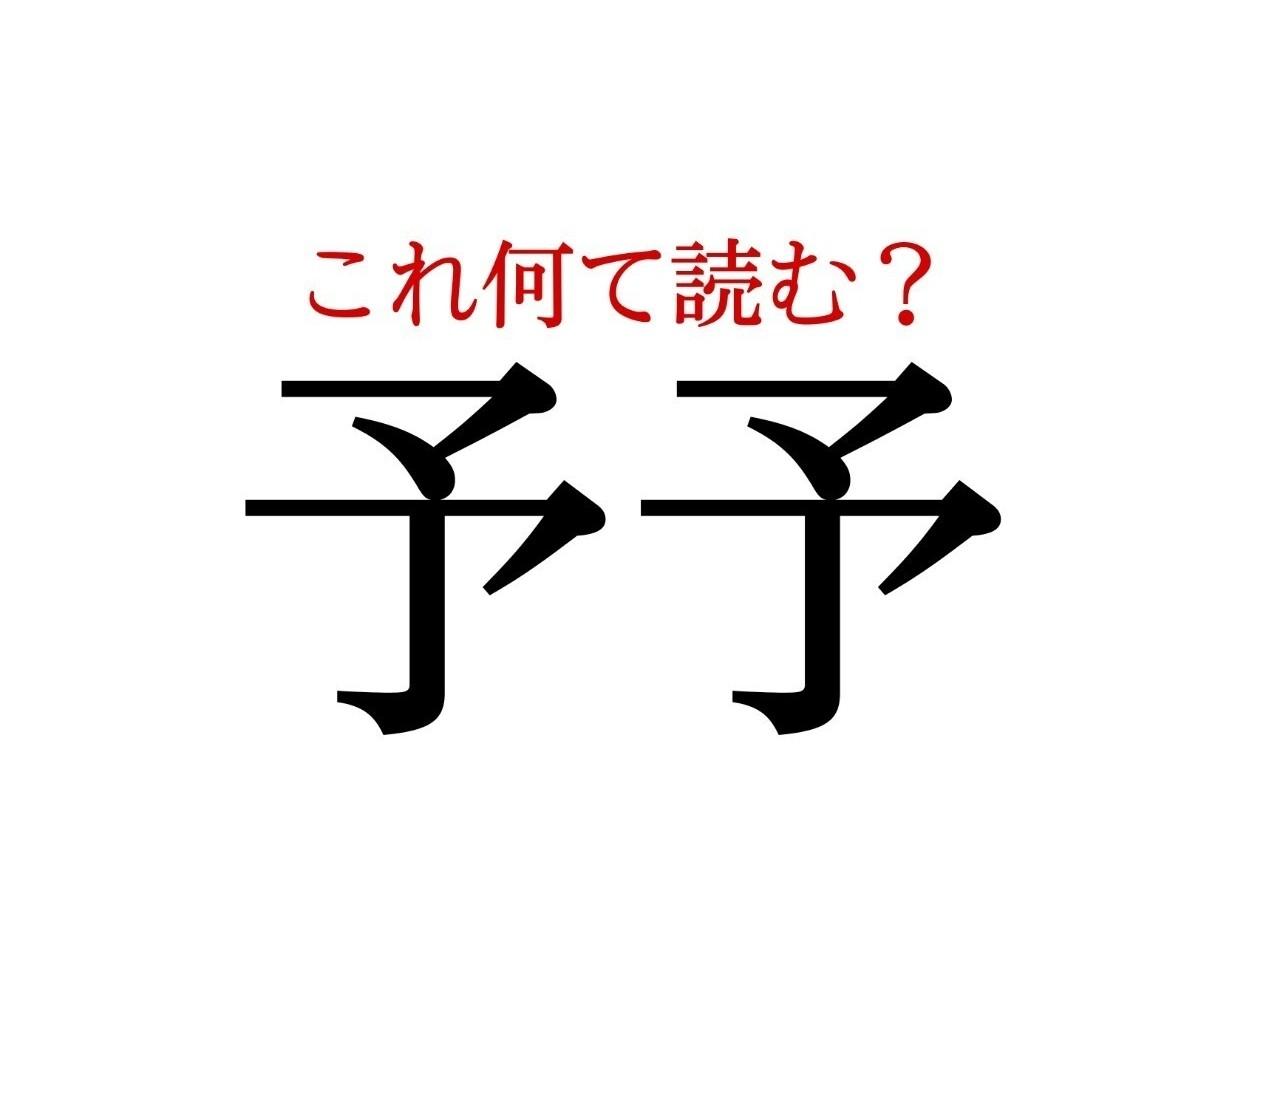 「予予」:この漢字、自信を持って読めますか?【働く大人の漢字クイズvol.310】